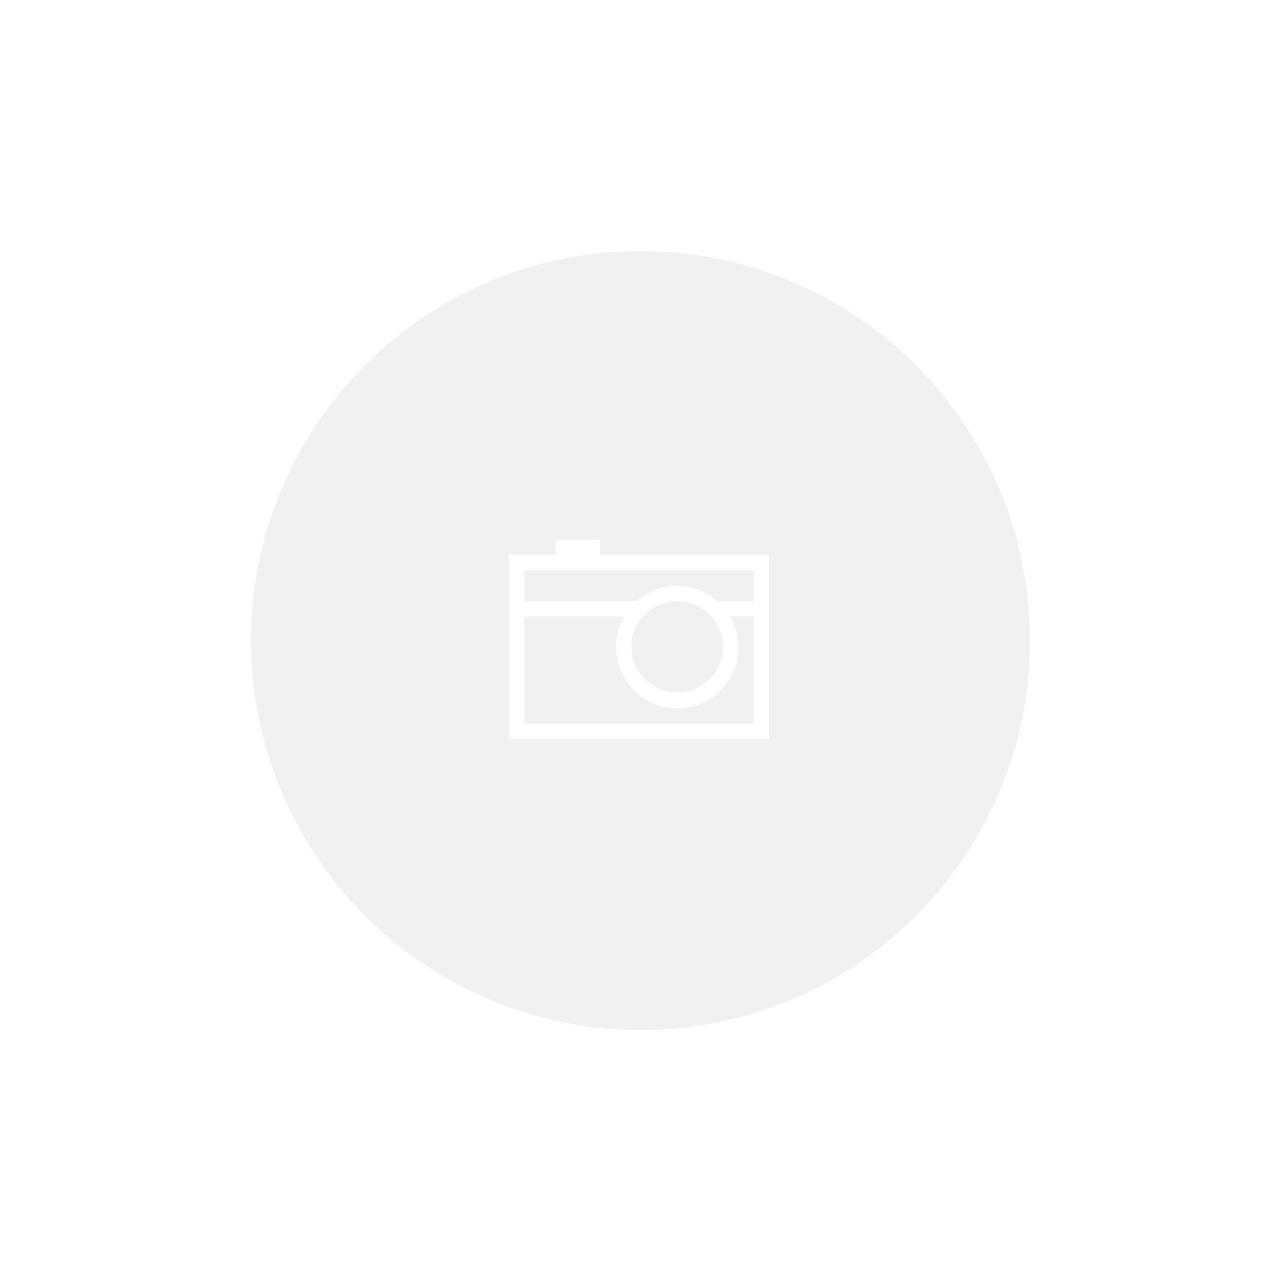 Kit de Utensílios para Churrasco 3 Peças Tramontina